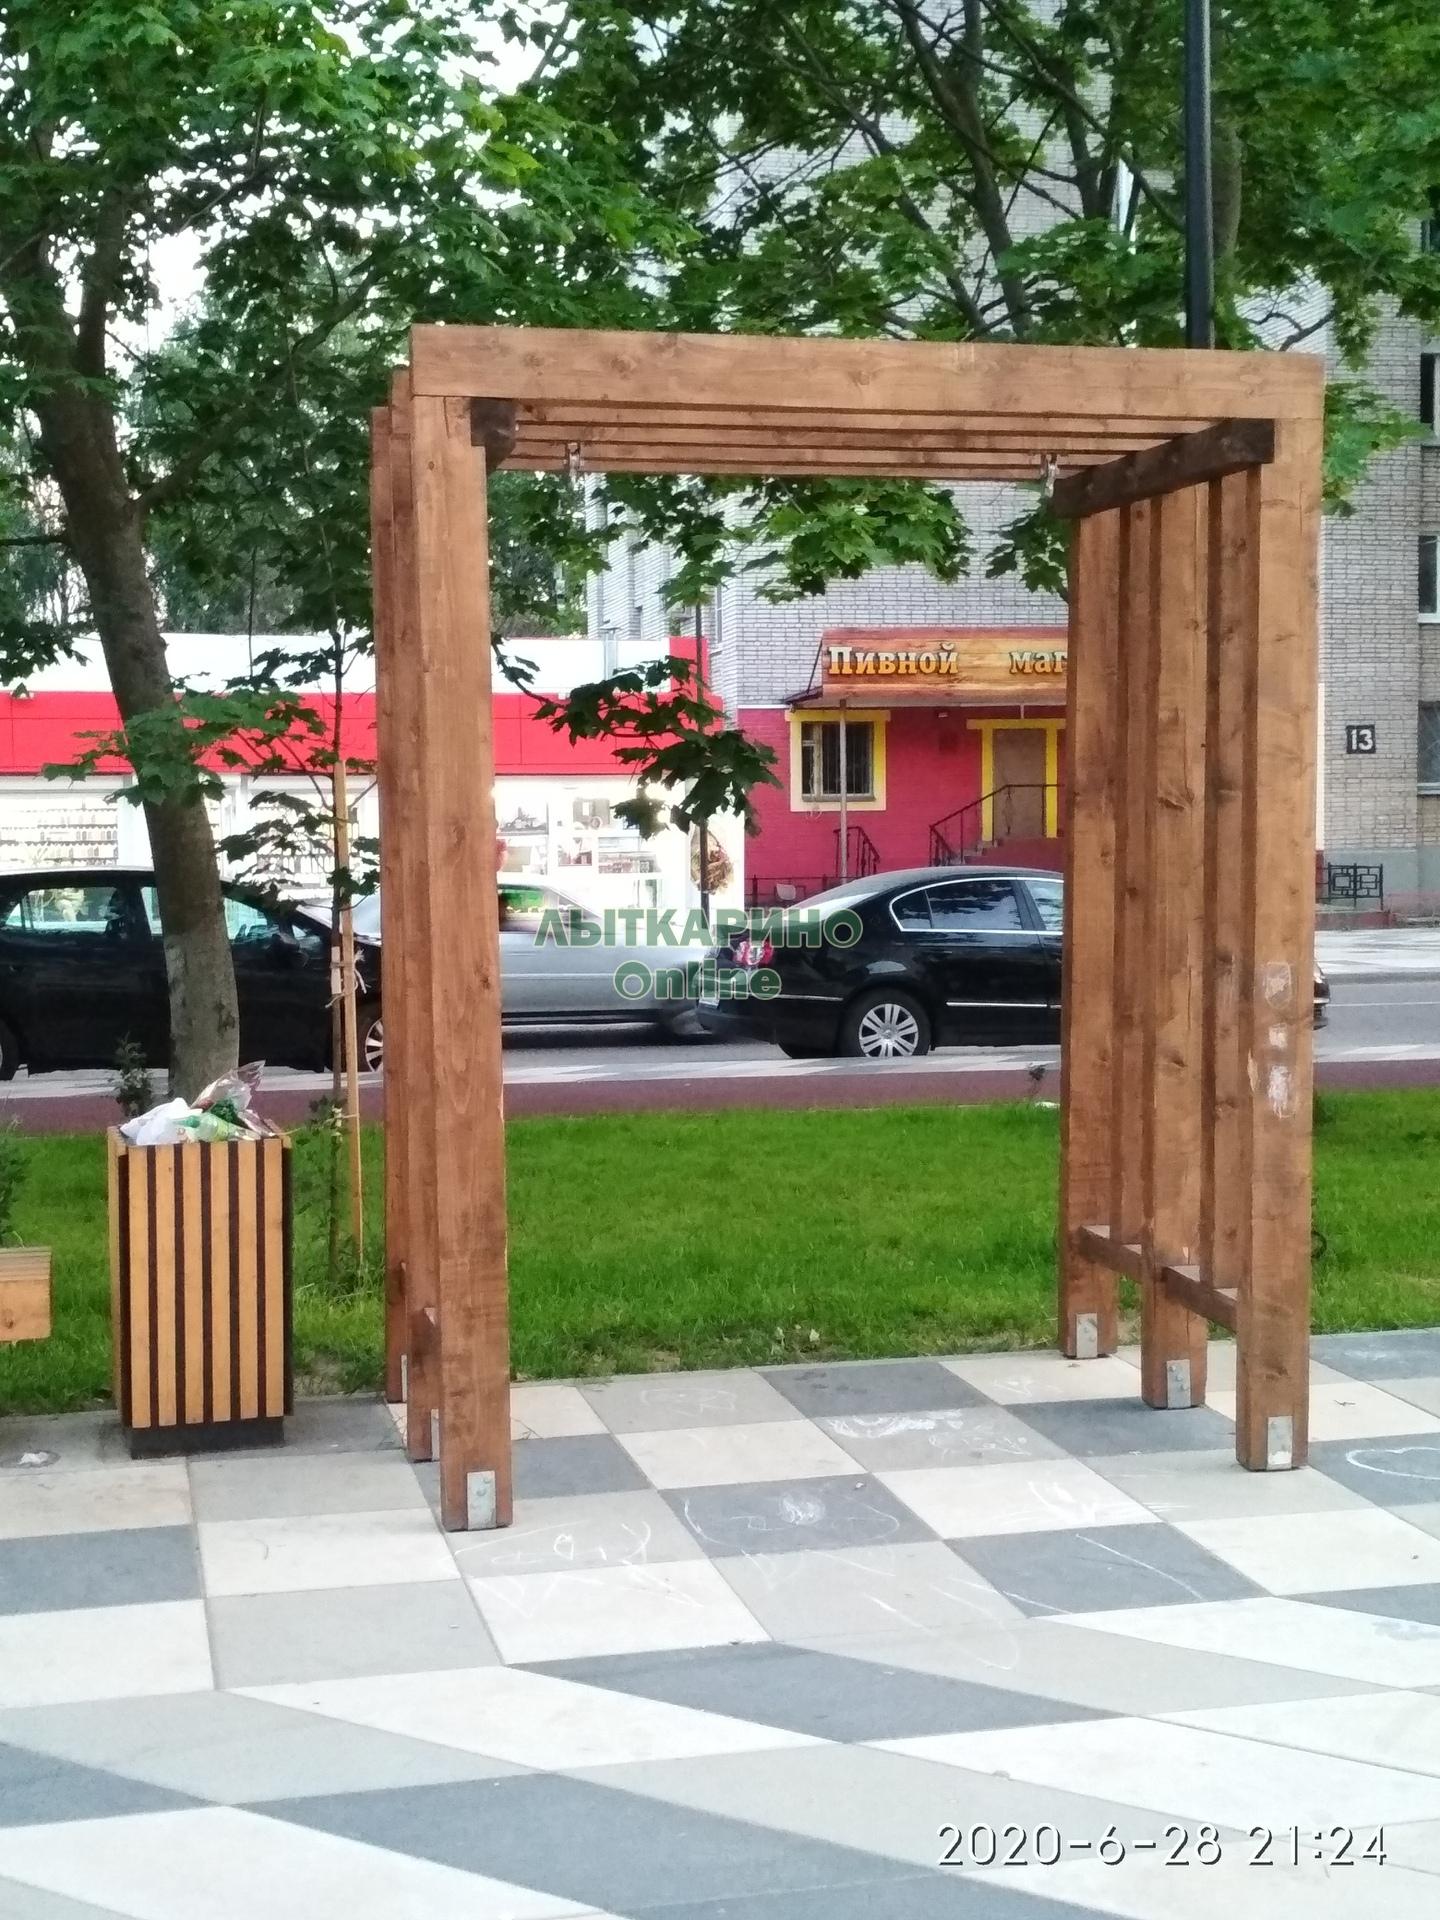 Когда будет проведено озеленение клумб и ремонт качелей на ул.